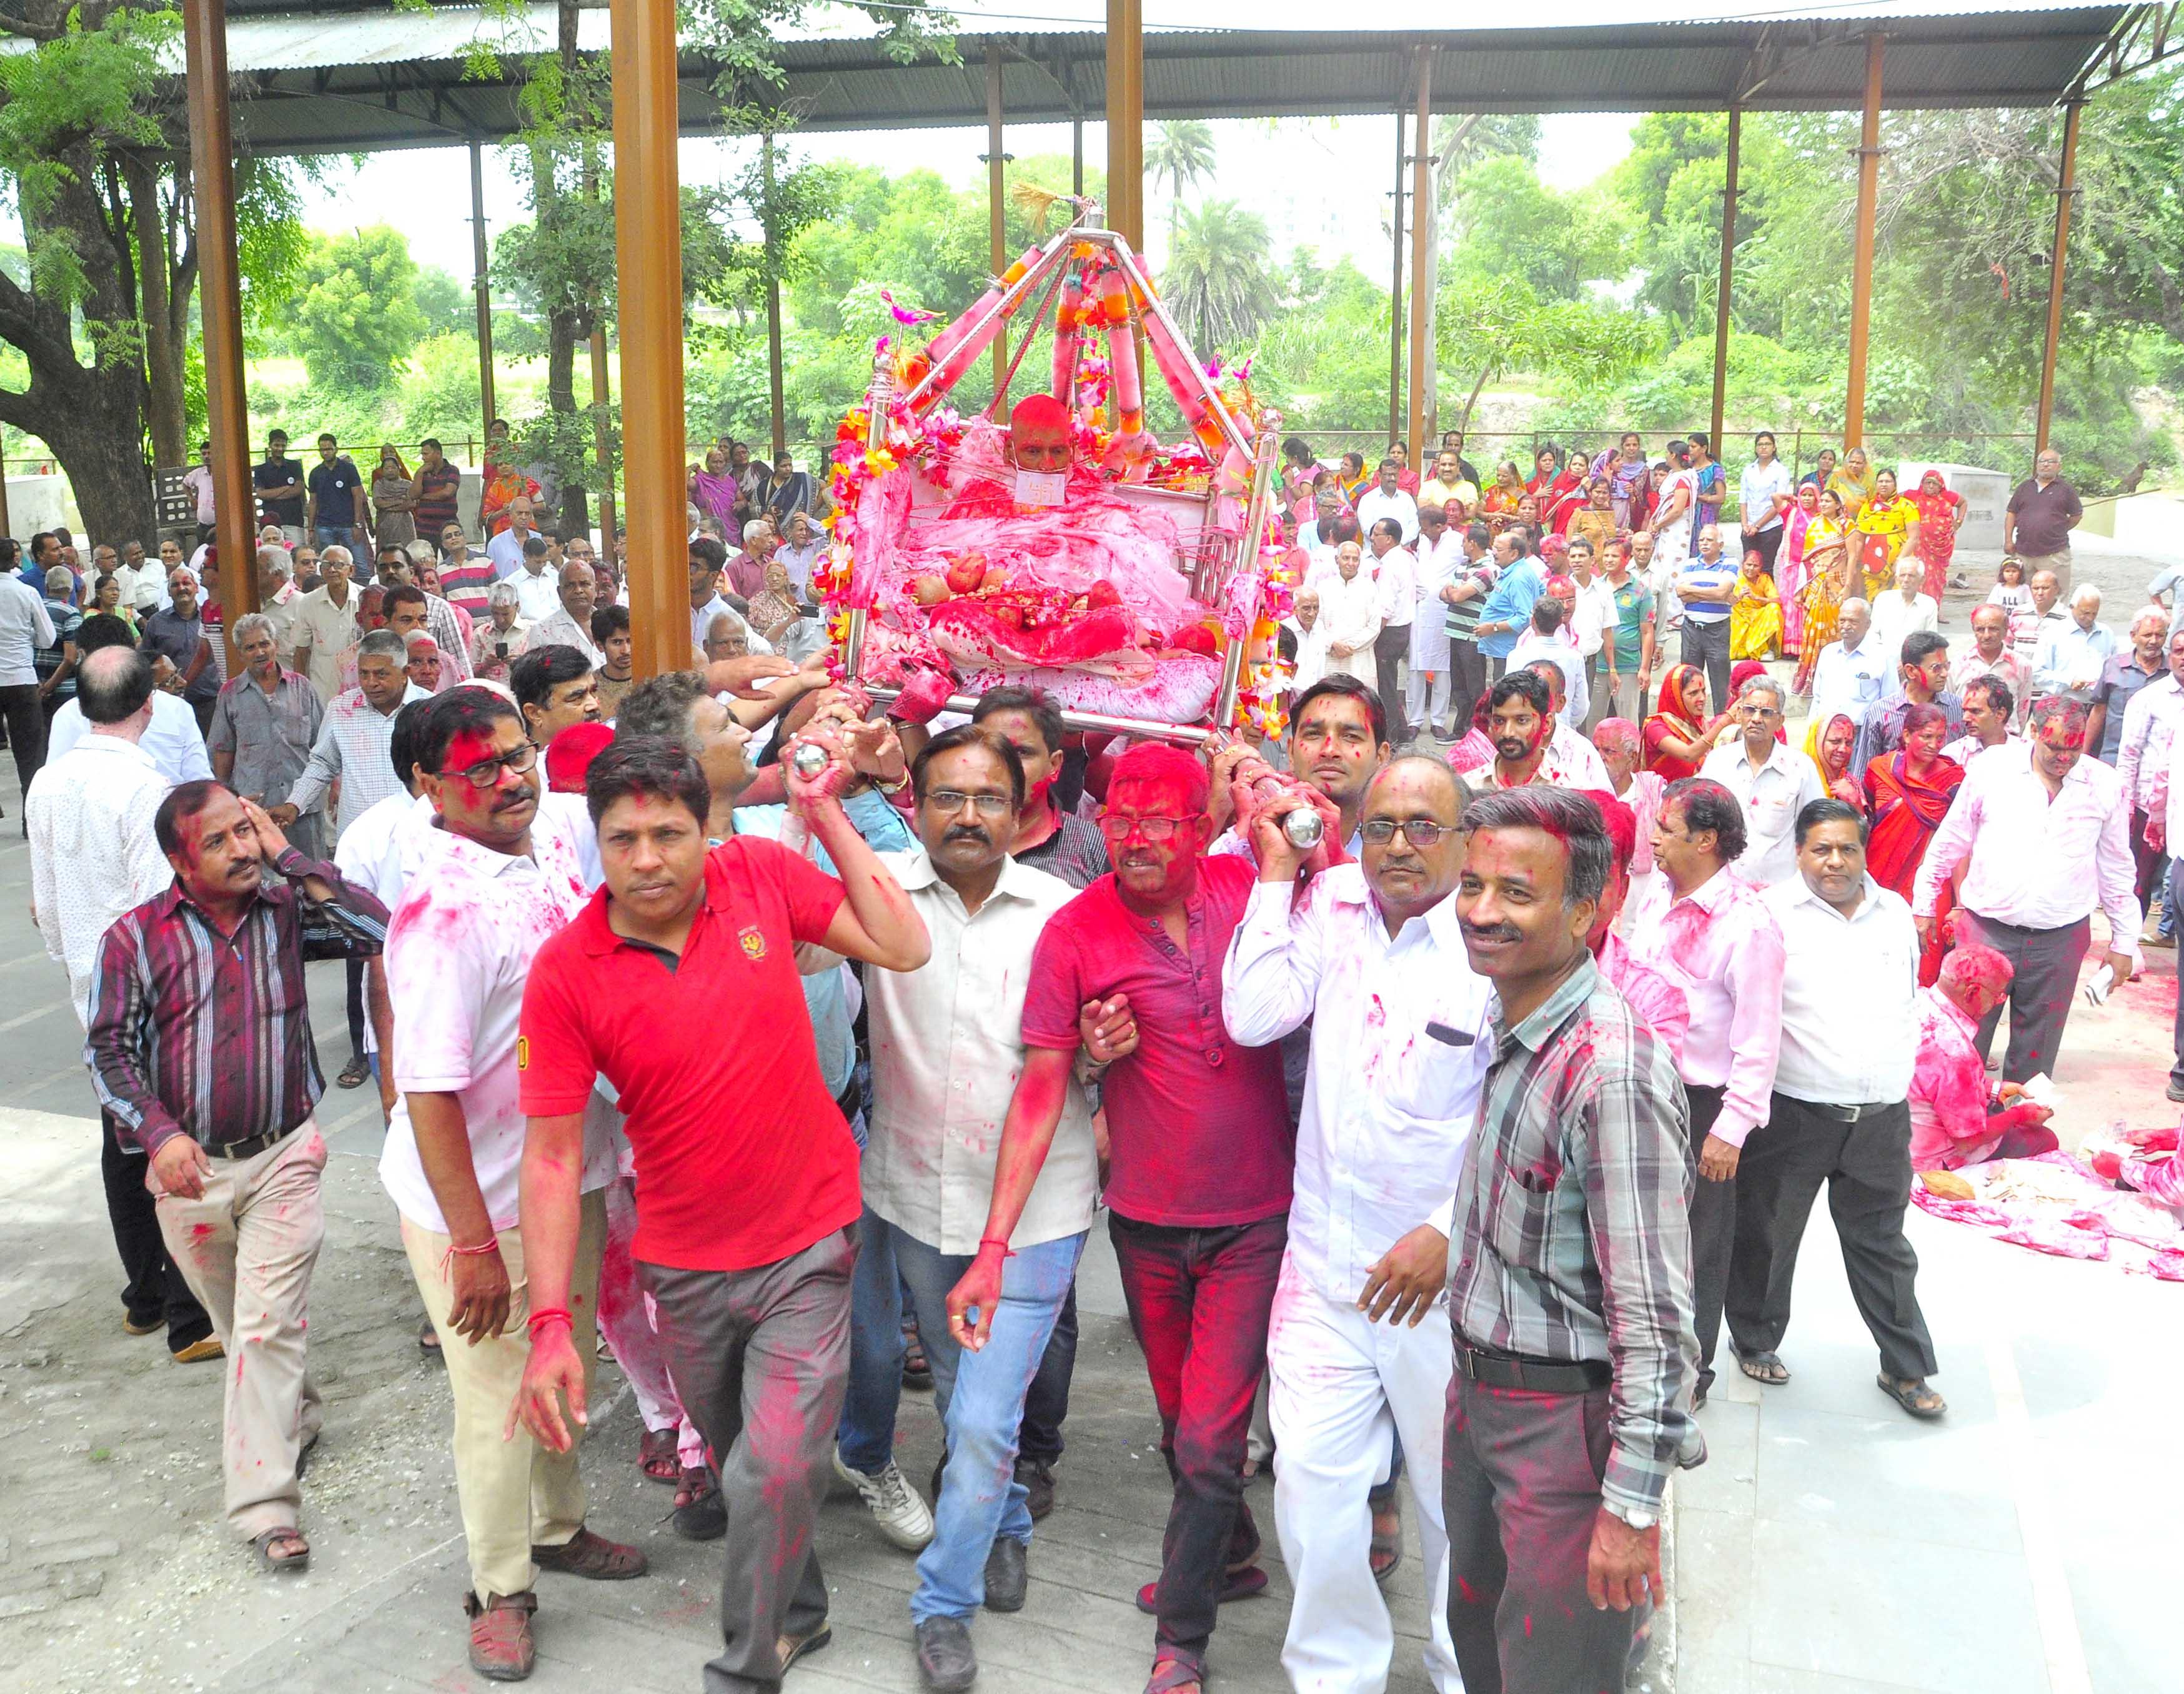 भगवती मुनि की डोल यात्रा में उमडे श्रावक,देश के कोने कोने से आये